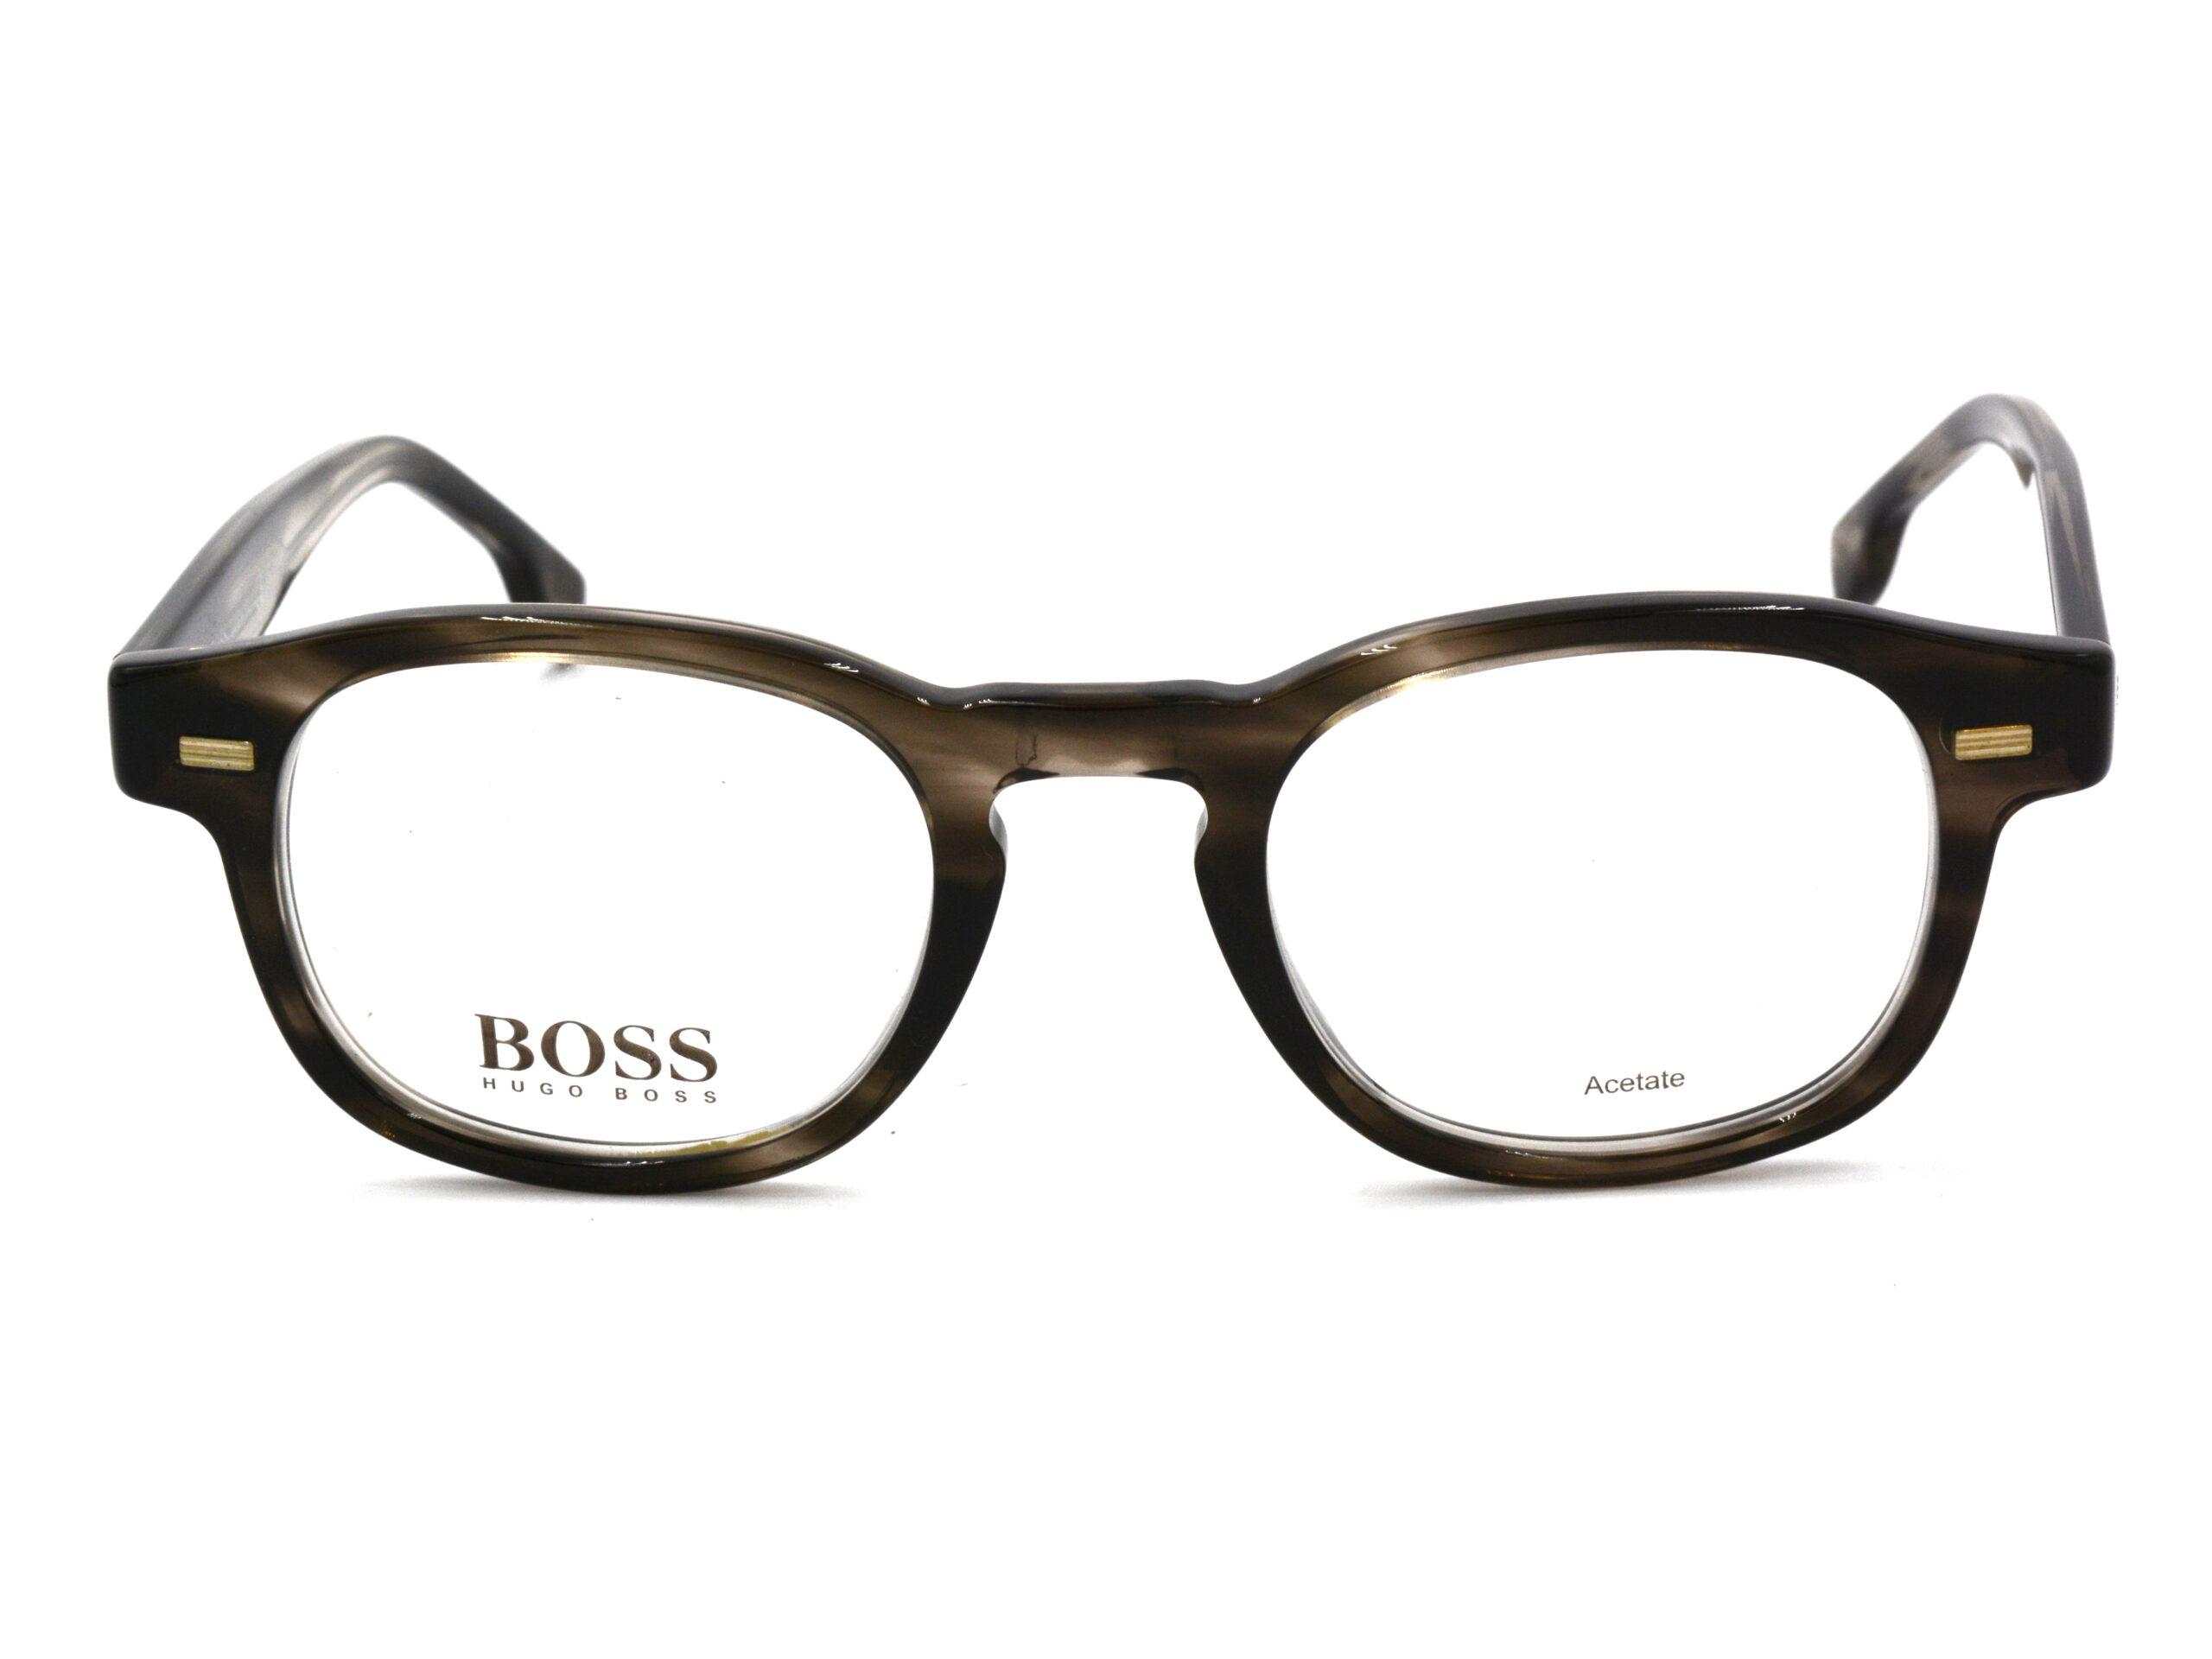 Γυαλιά οράσεως HUGO BOSS 1002 PZH Πειραιάς